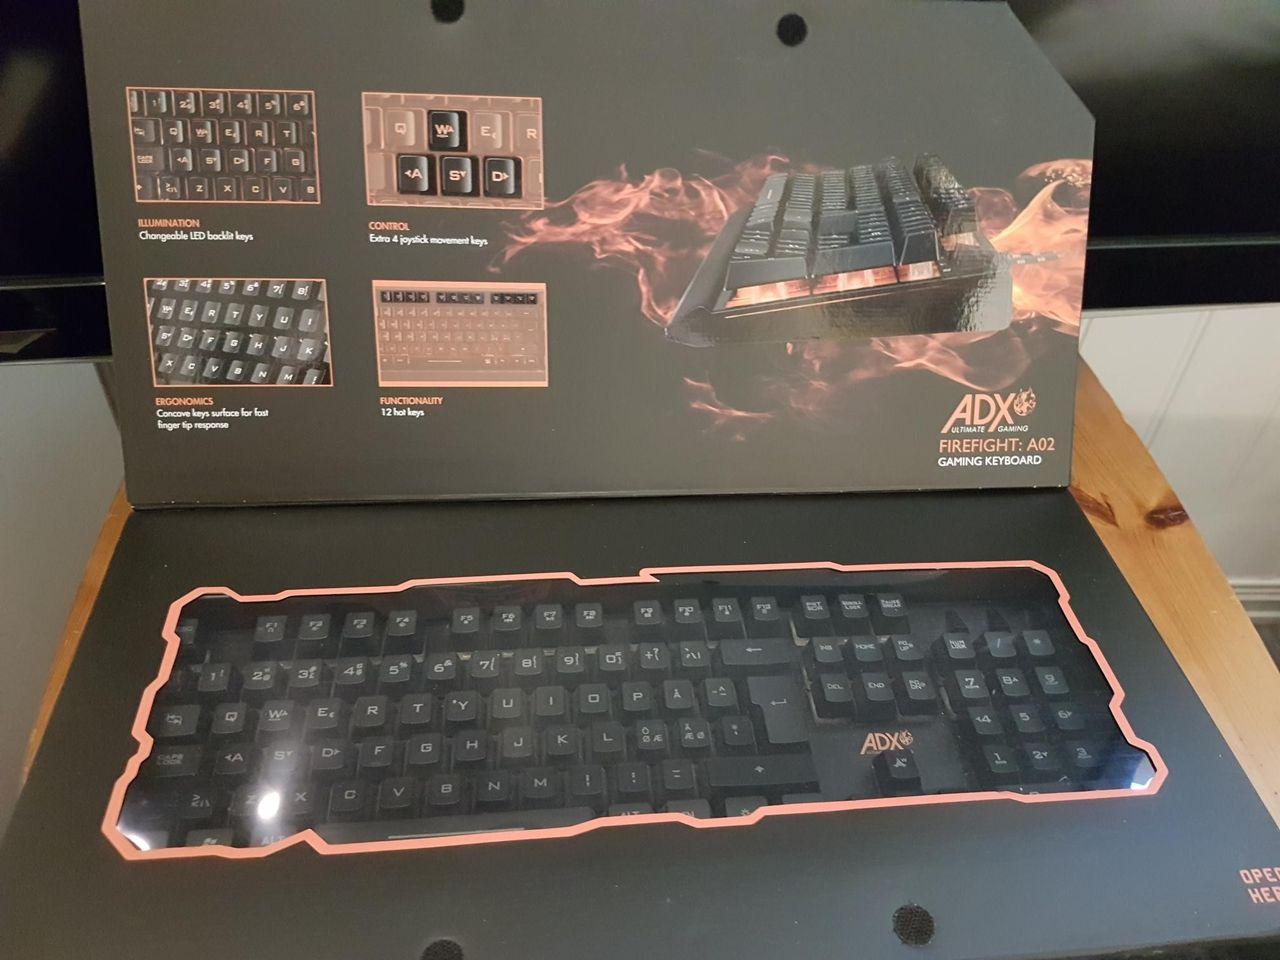 Gaming tastatur | FINN.no